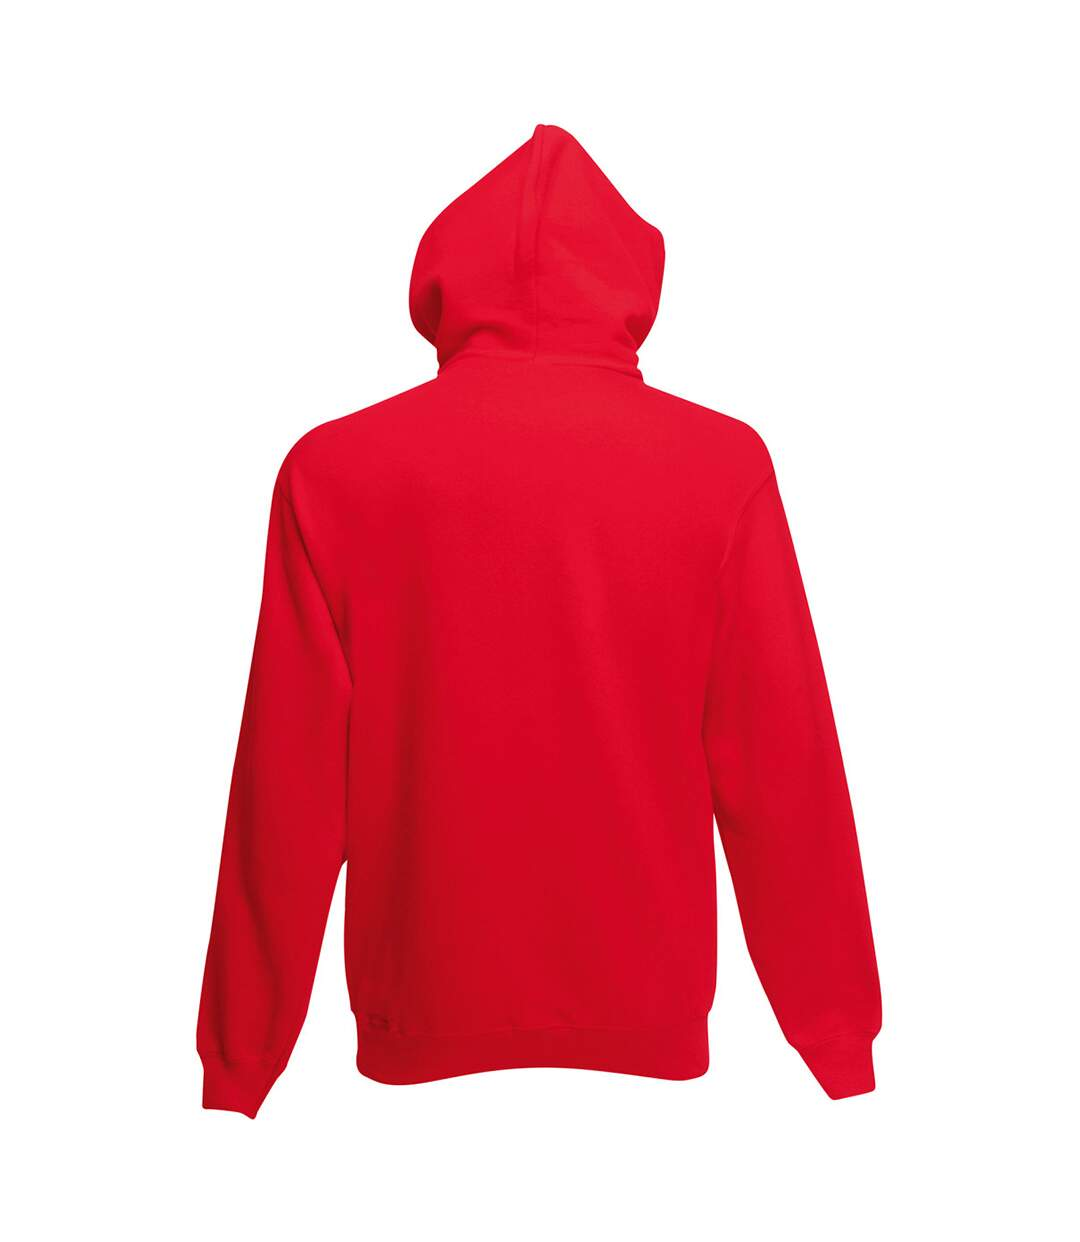 Fruit Of The Loom - Sweatshirt À Capuche Et Fermeture Zippée - Homme (Rouge) - UTBC1369